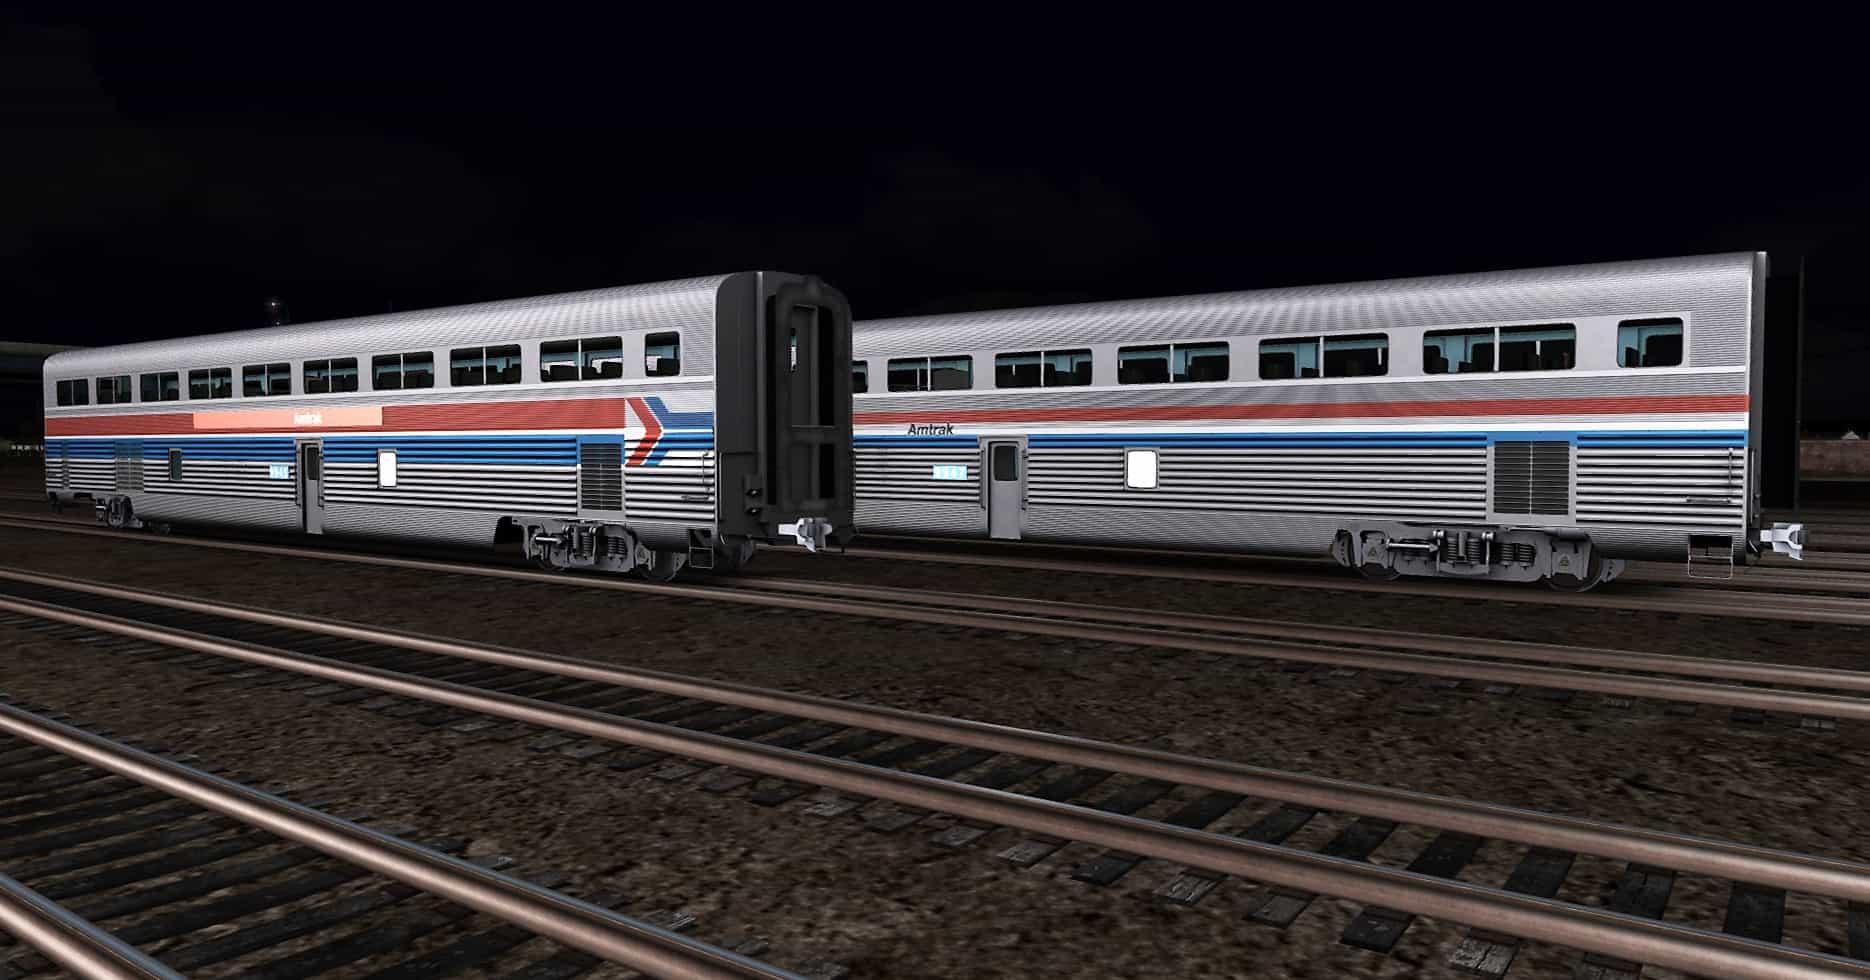 SDR-11